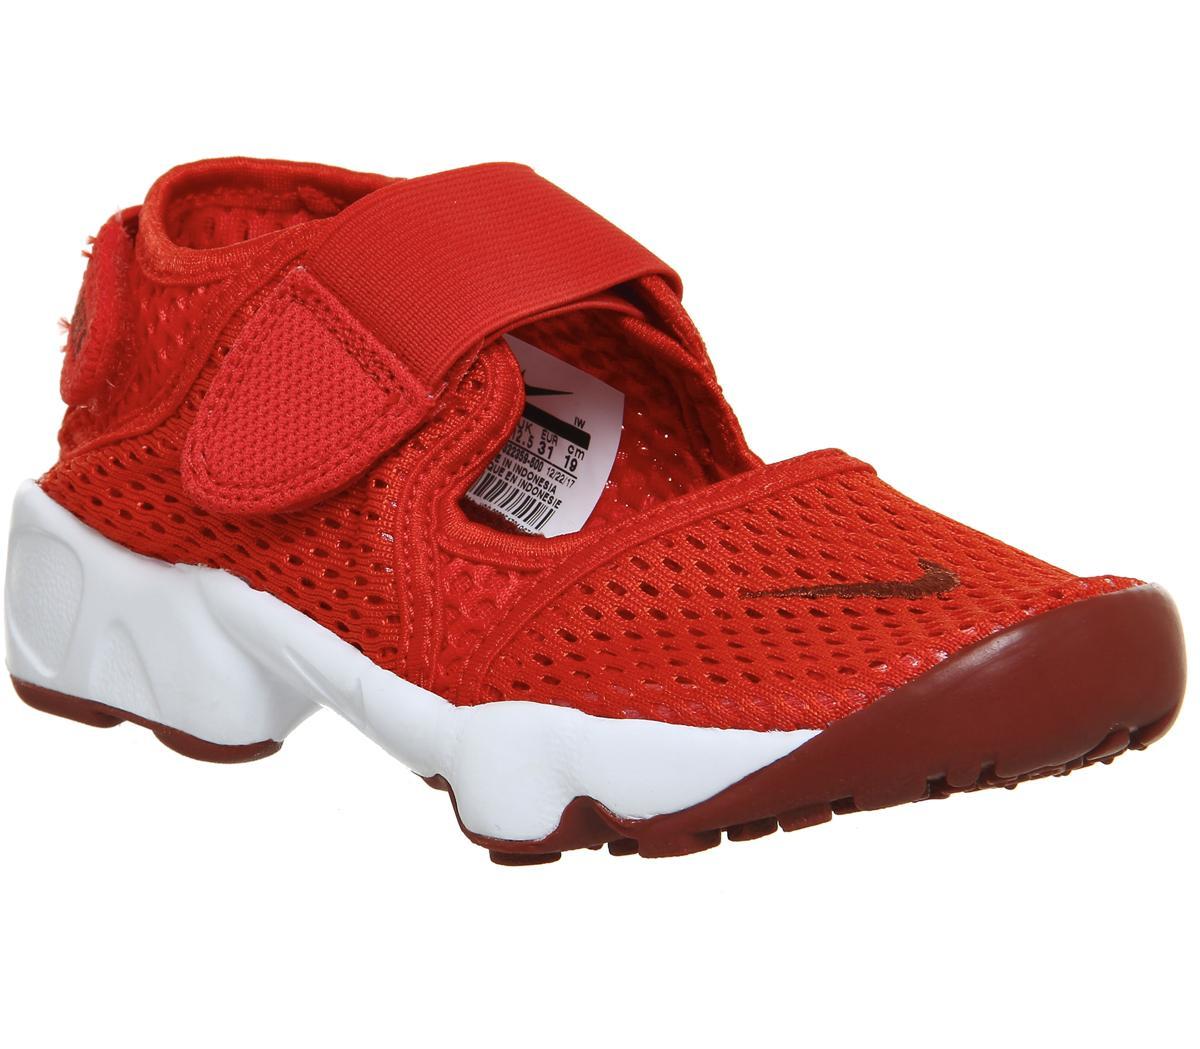 Distribución víctima Aislante  Nike Rift Ps Infant Shoes Red White - Unisex